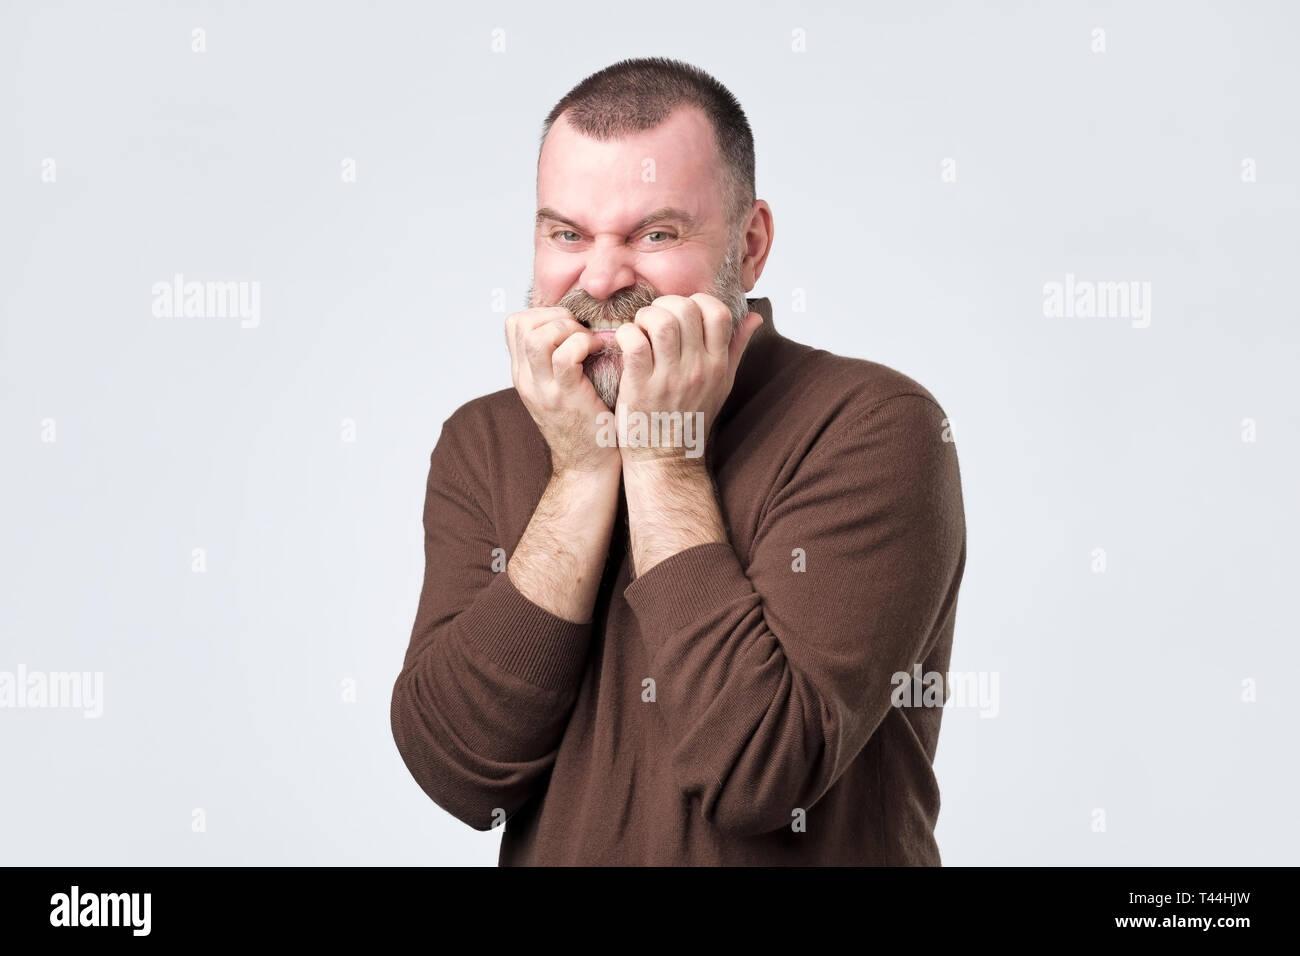 Mann mit Bart in braunes Hemd Beißen Nägel in Angst Stockfoto